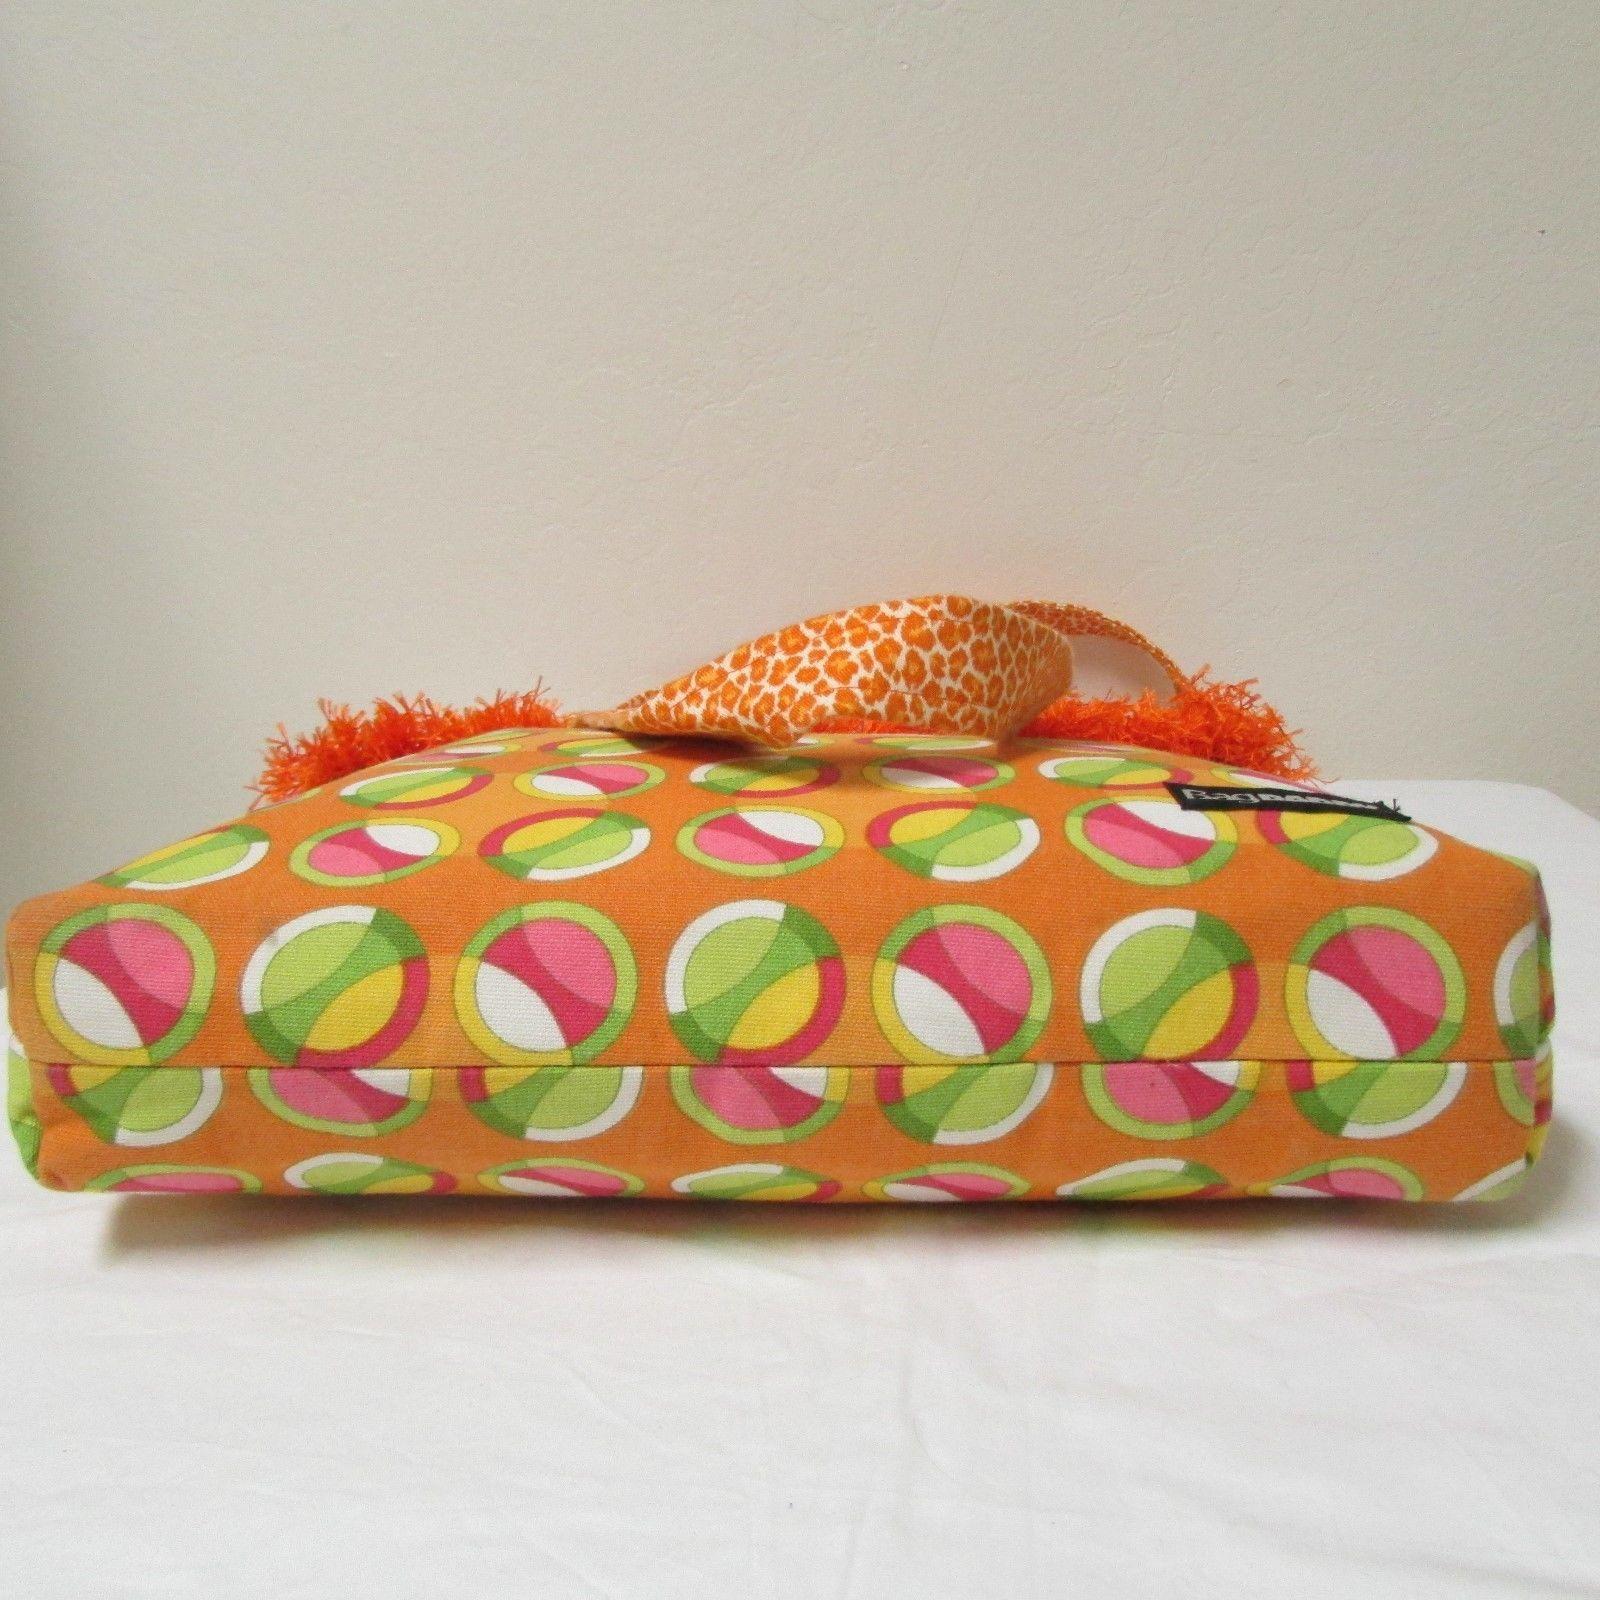 NWOT Large Custom Bag Daddy Orange Retro Shoulder Bag Shoppers Tote image 5